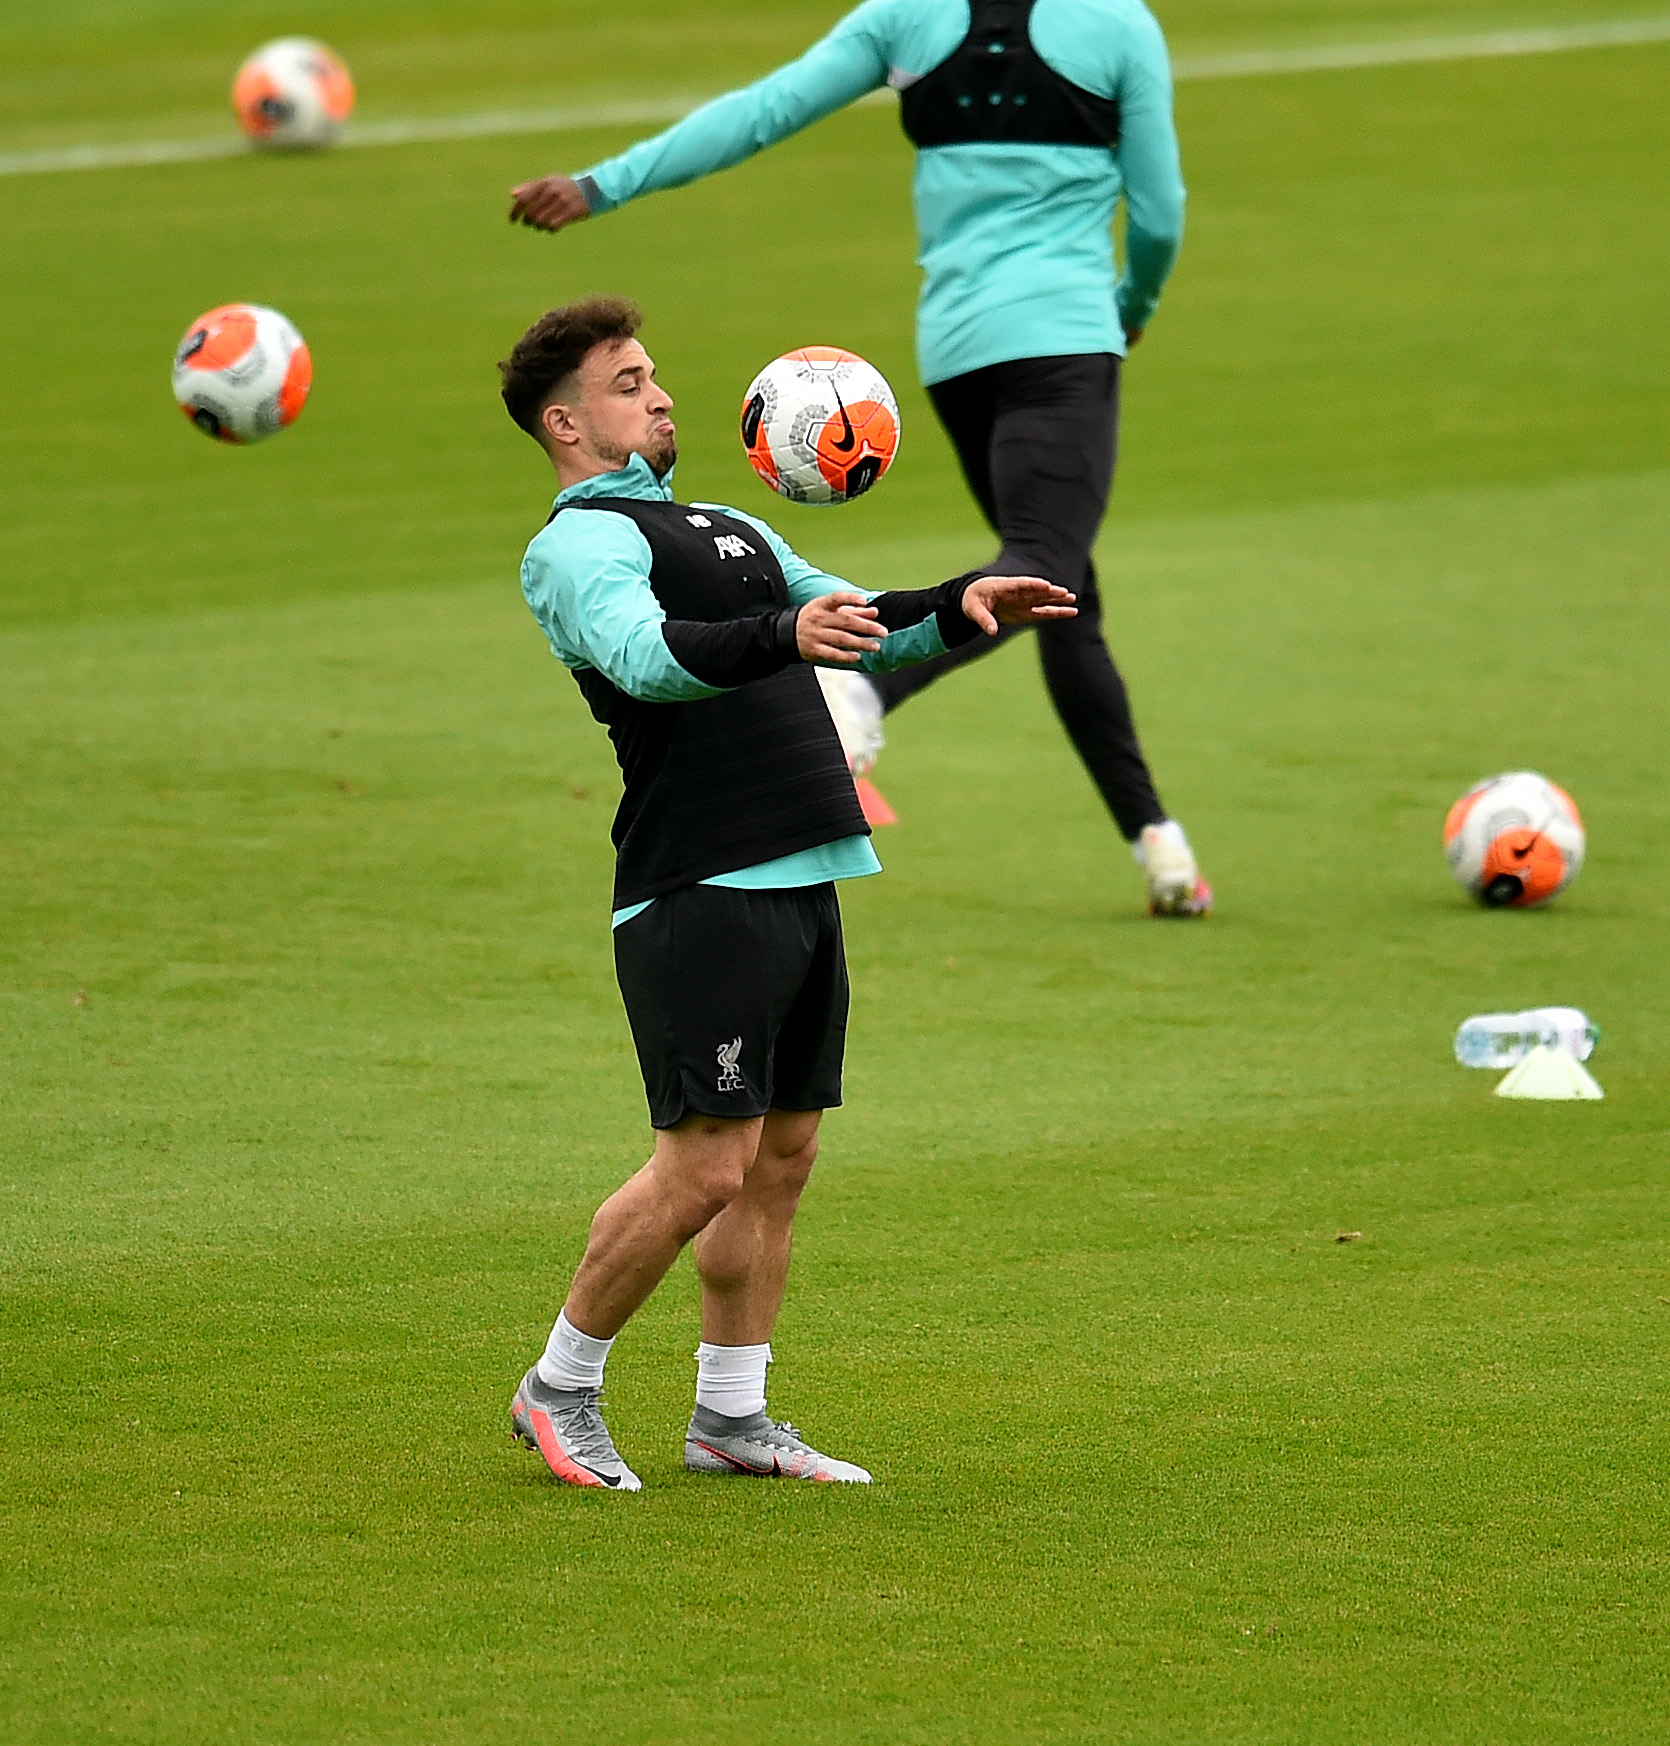 📷Фоторепортаж: Подготовка к Арсеналу - ФК Ливерпуль